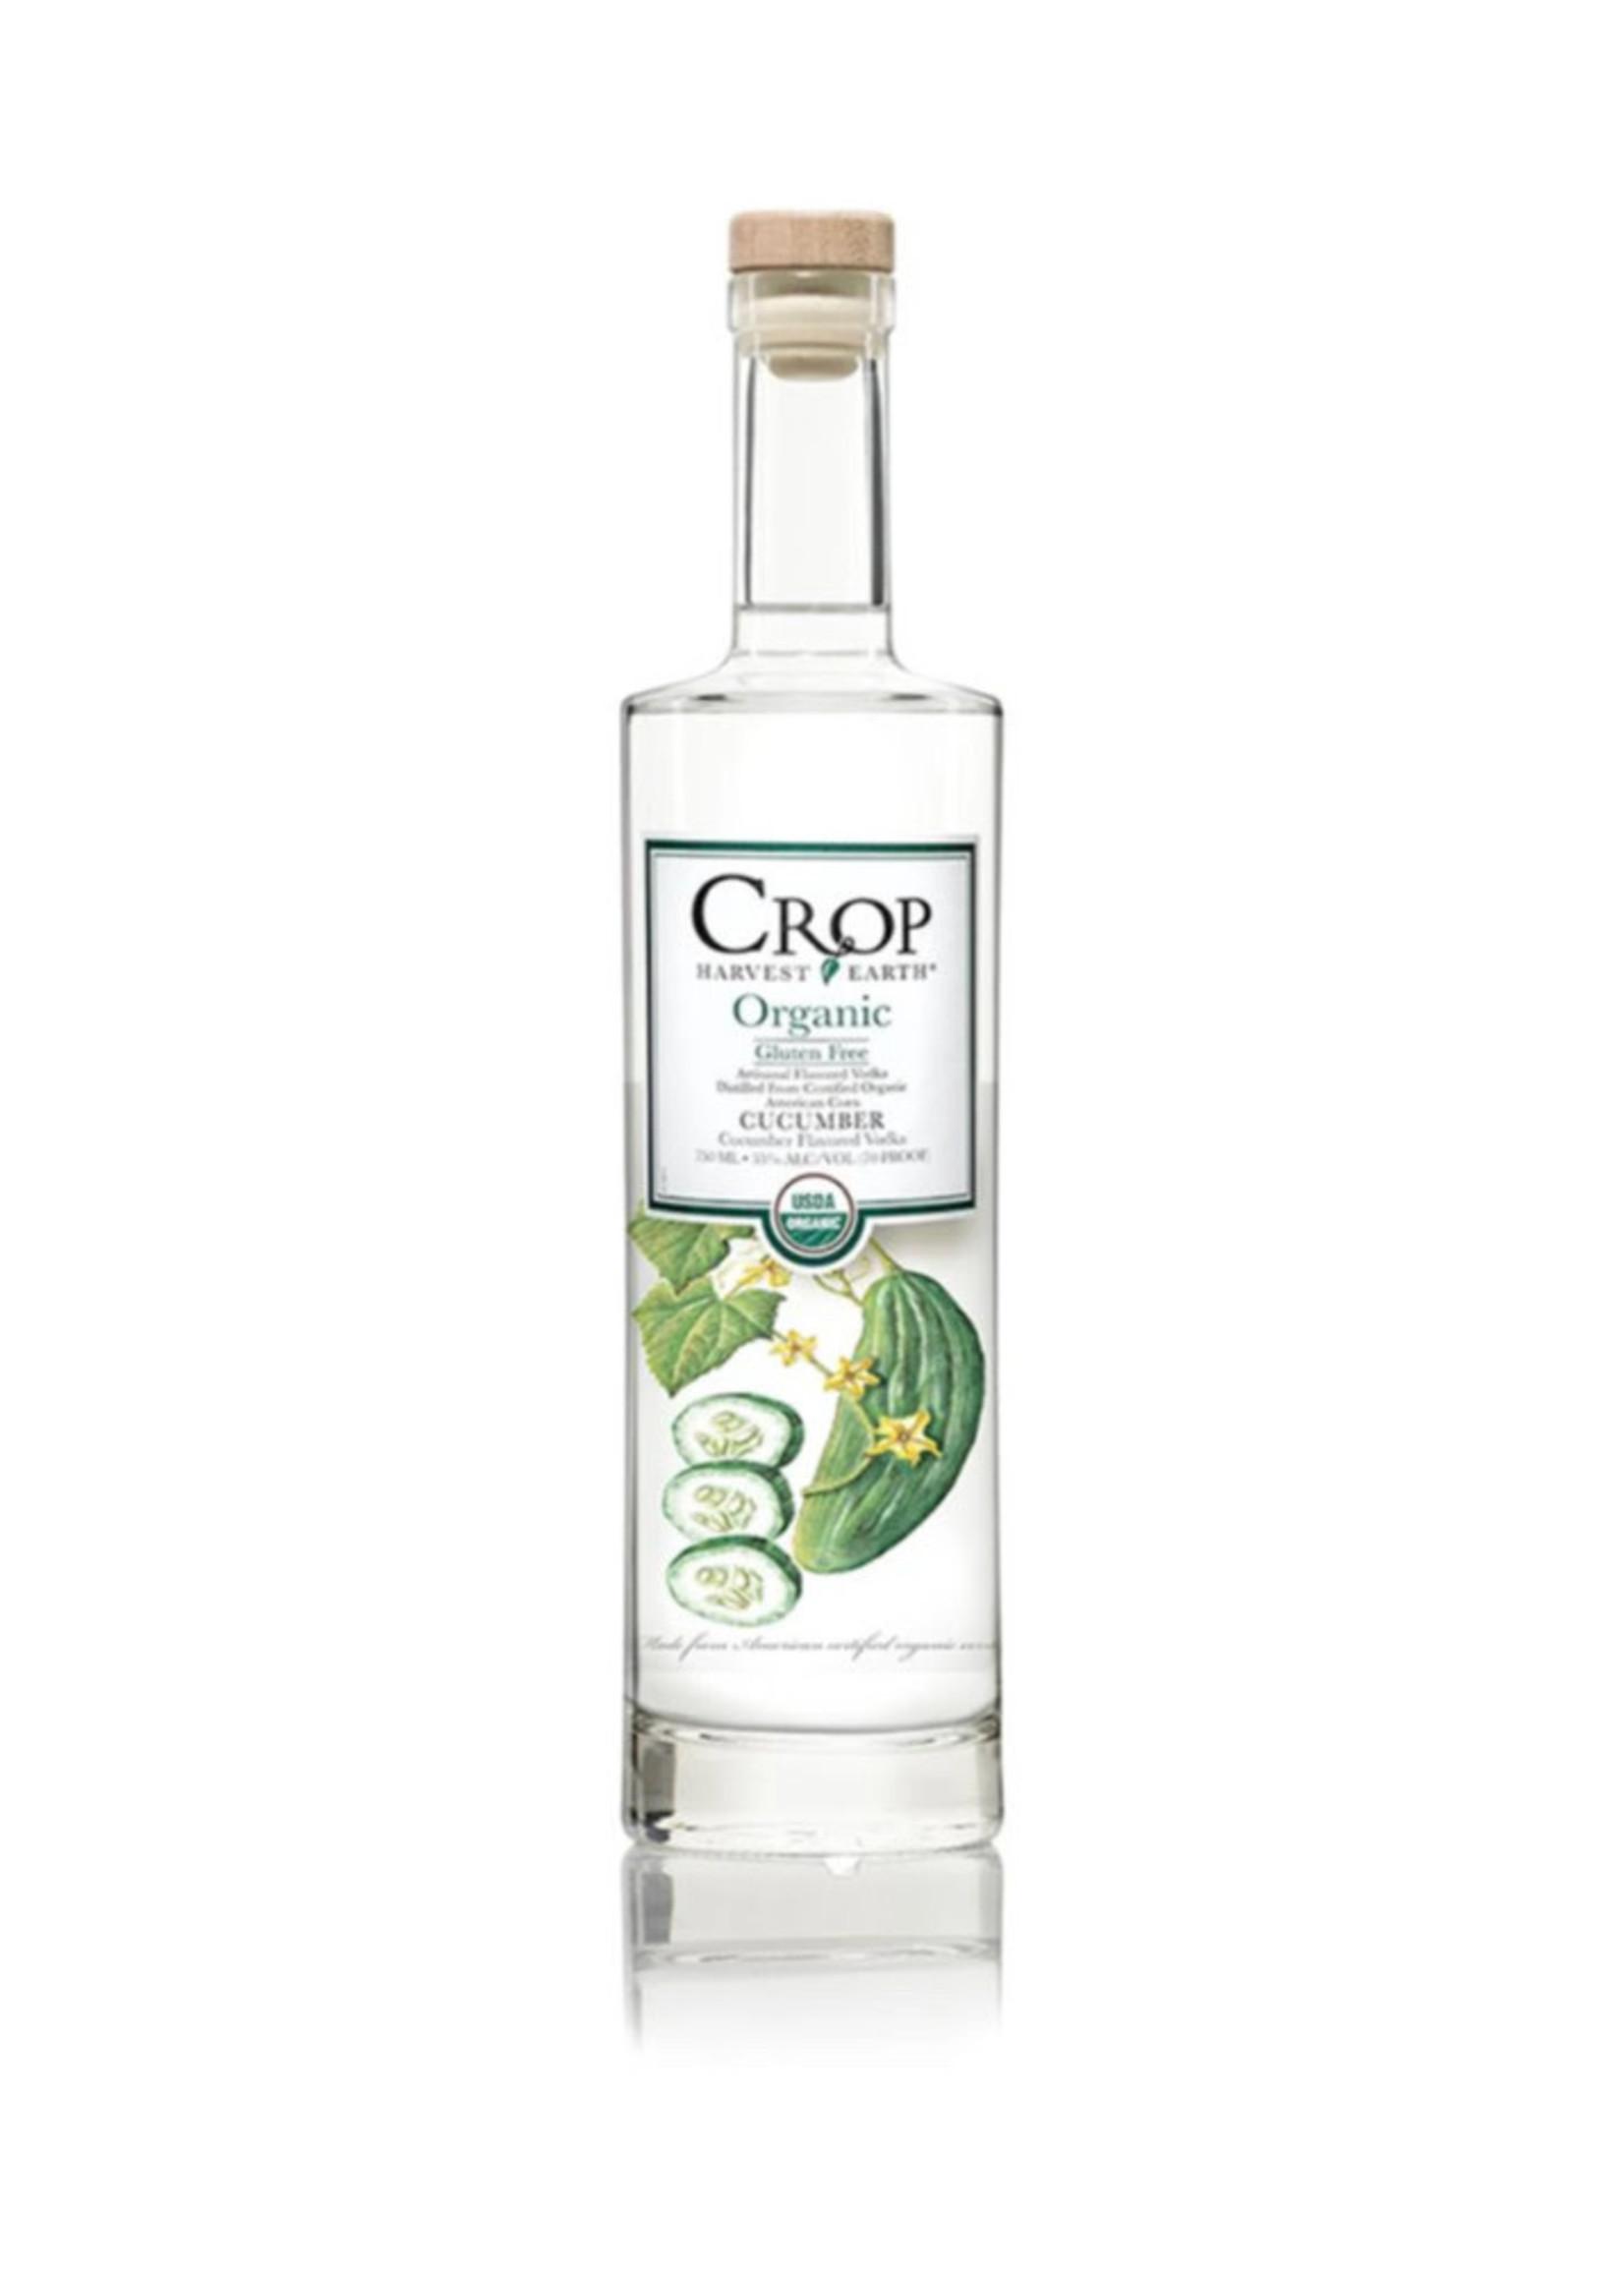 Crop Cucumber Vodka 750mL